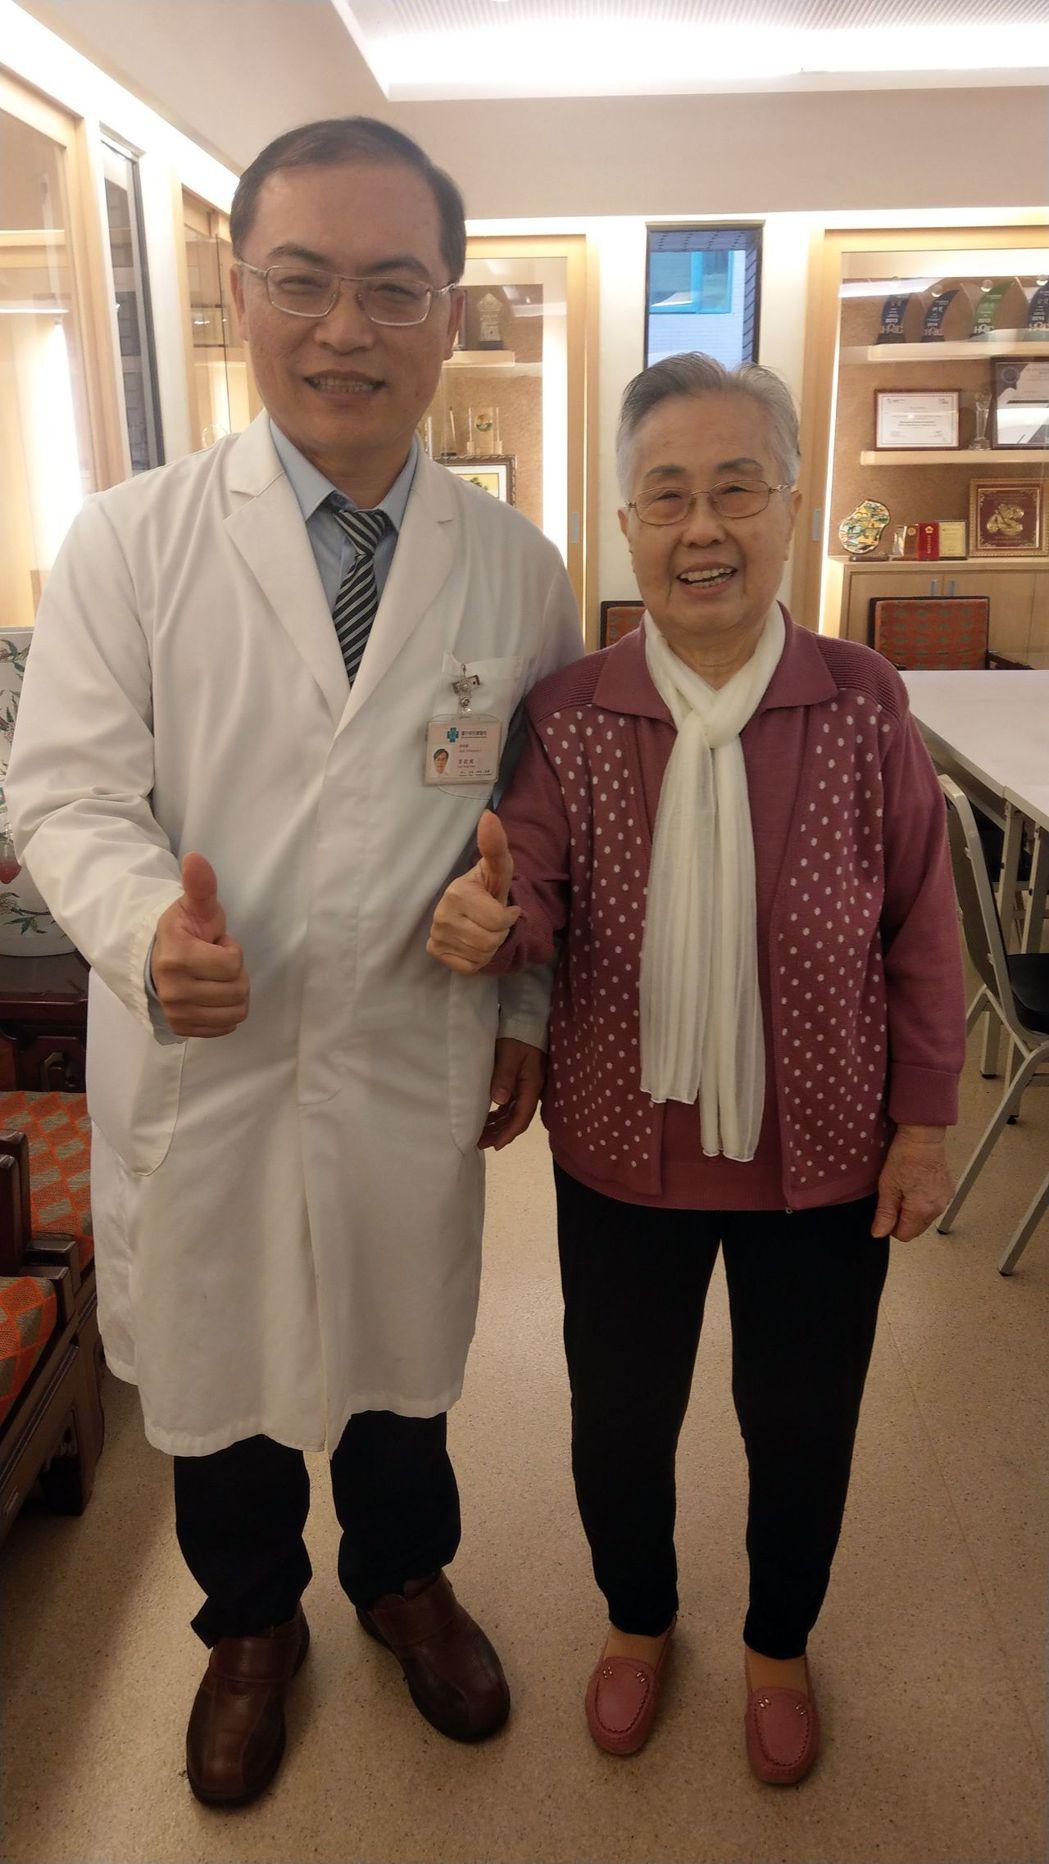 92歲楊姓女病患(右)因骨質疏鬆胸椎骨折,經醫師李政鴻(左)醫治後,如今恢復行長...